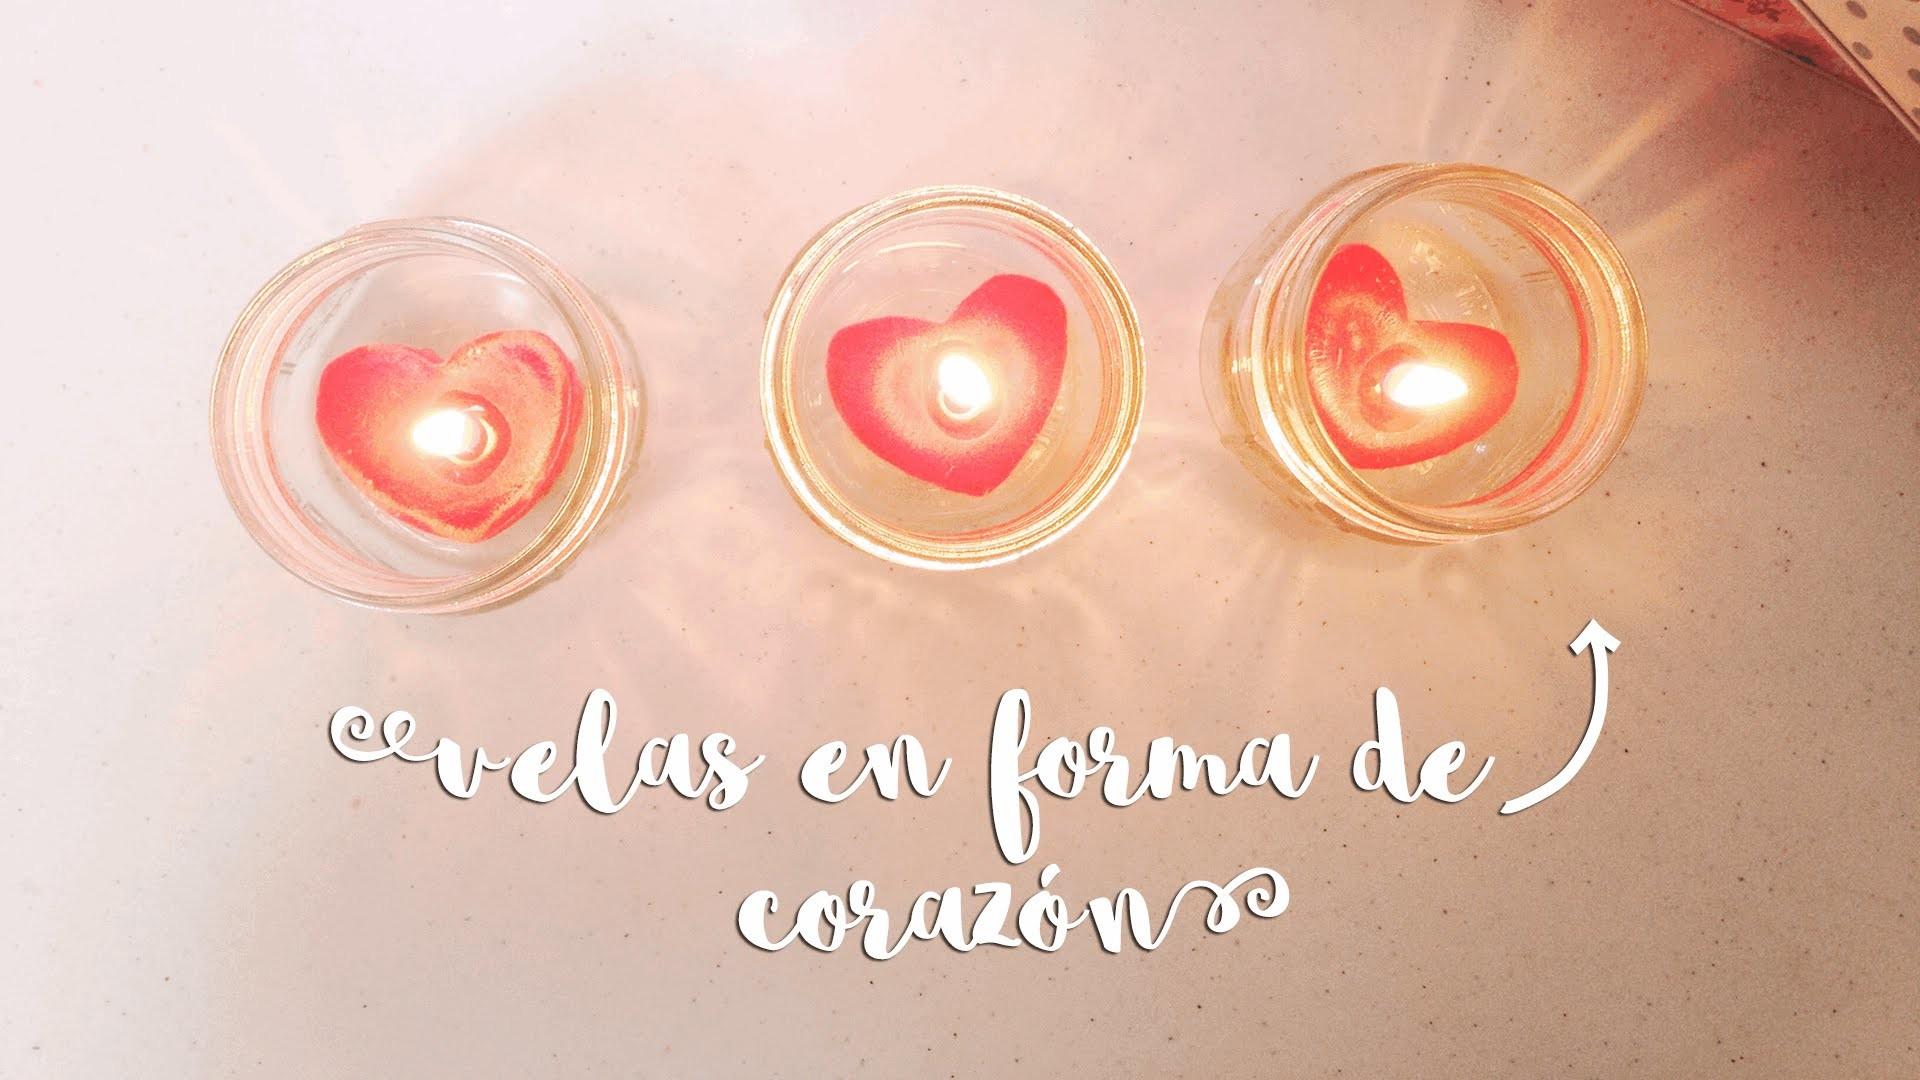 VELAS EN FORMA DE CORAZÓN ♥ ¡¡SIN MOLDES!!! ♥